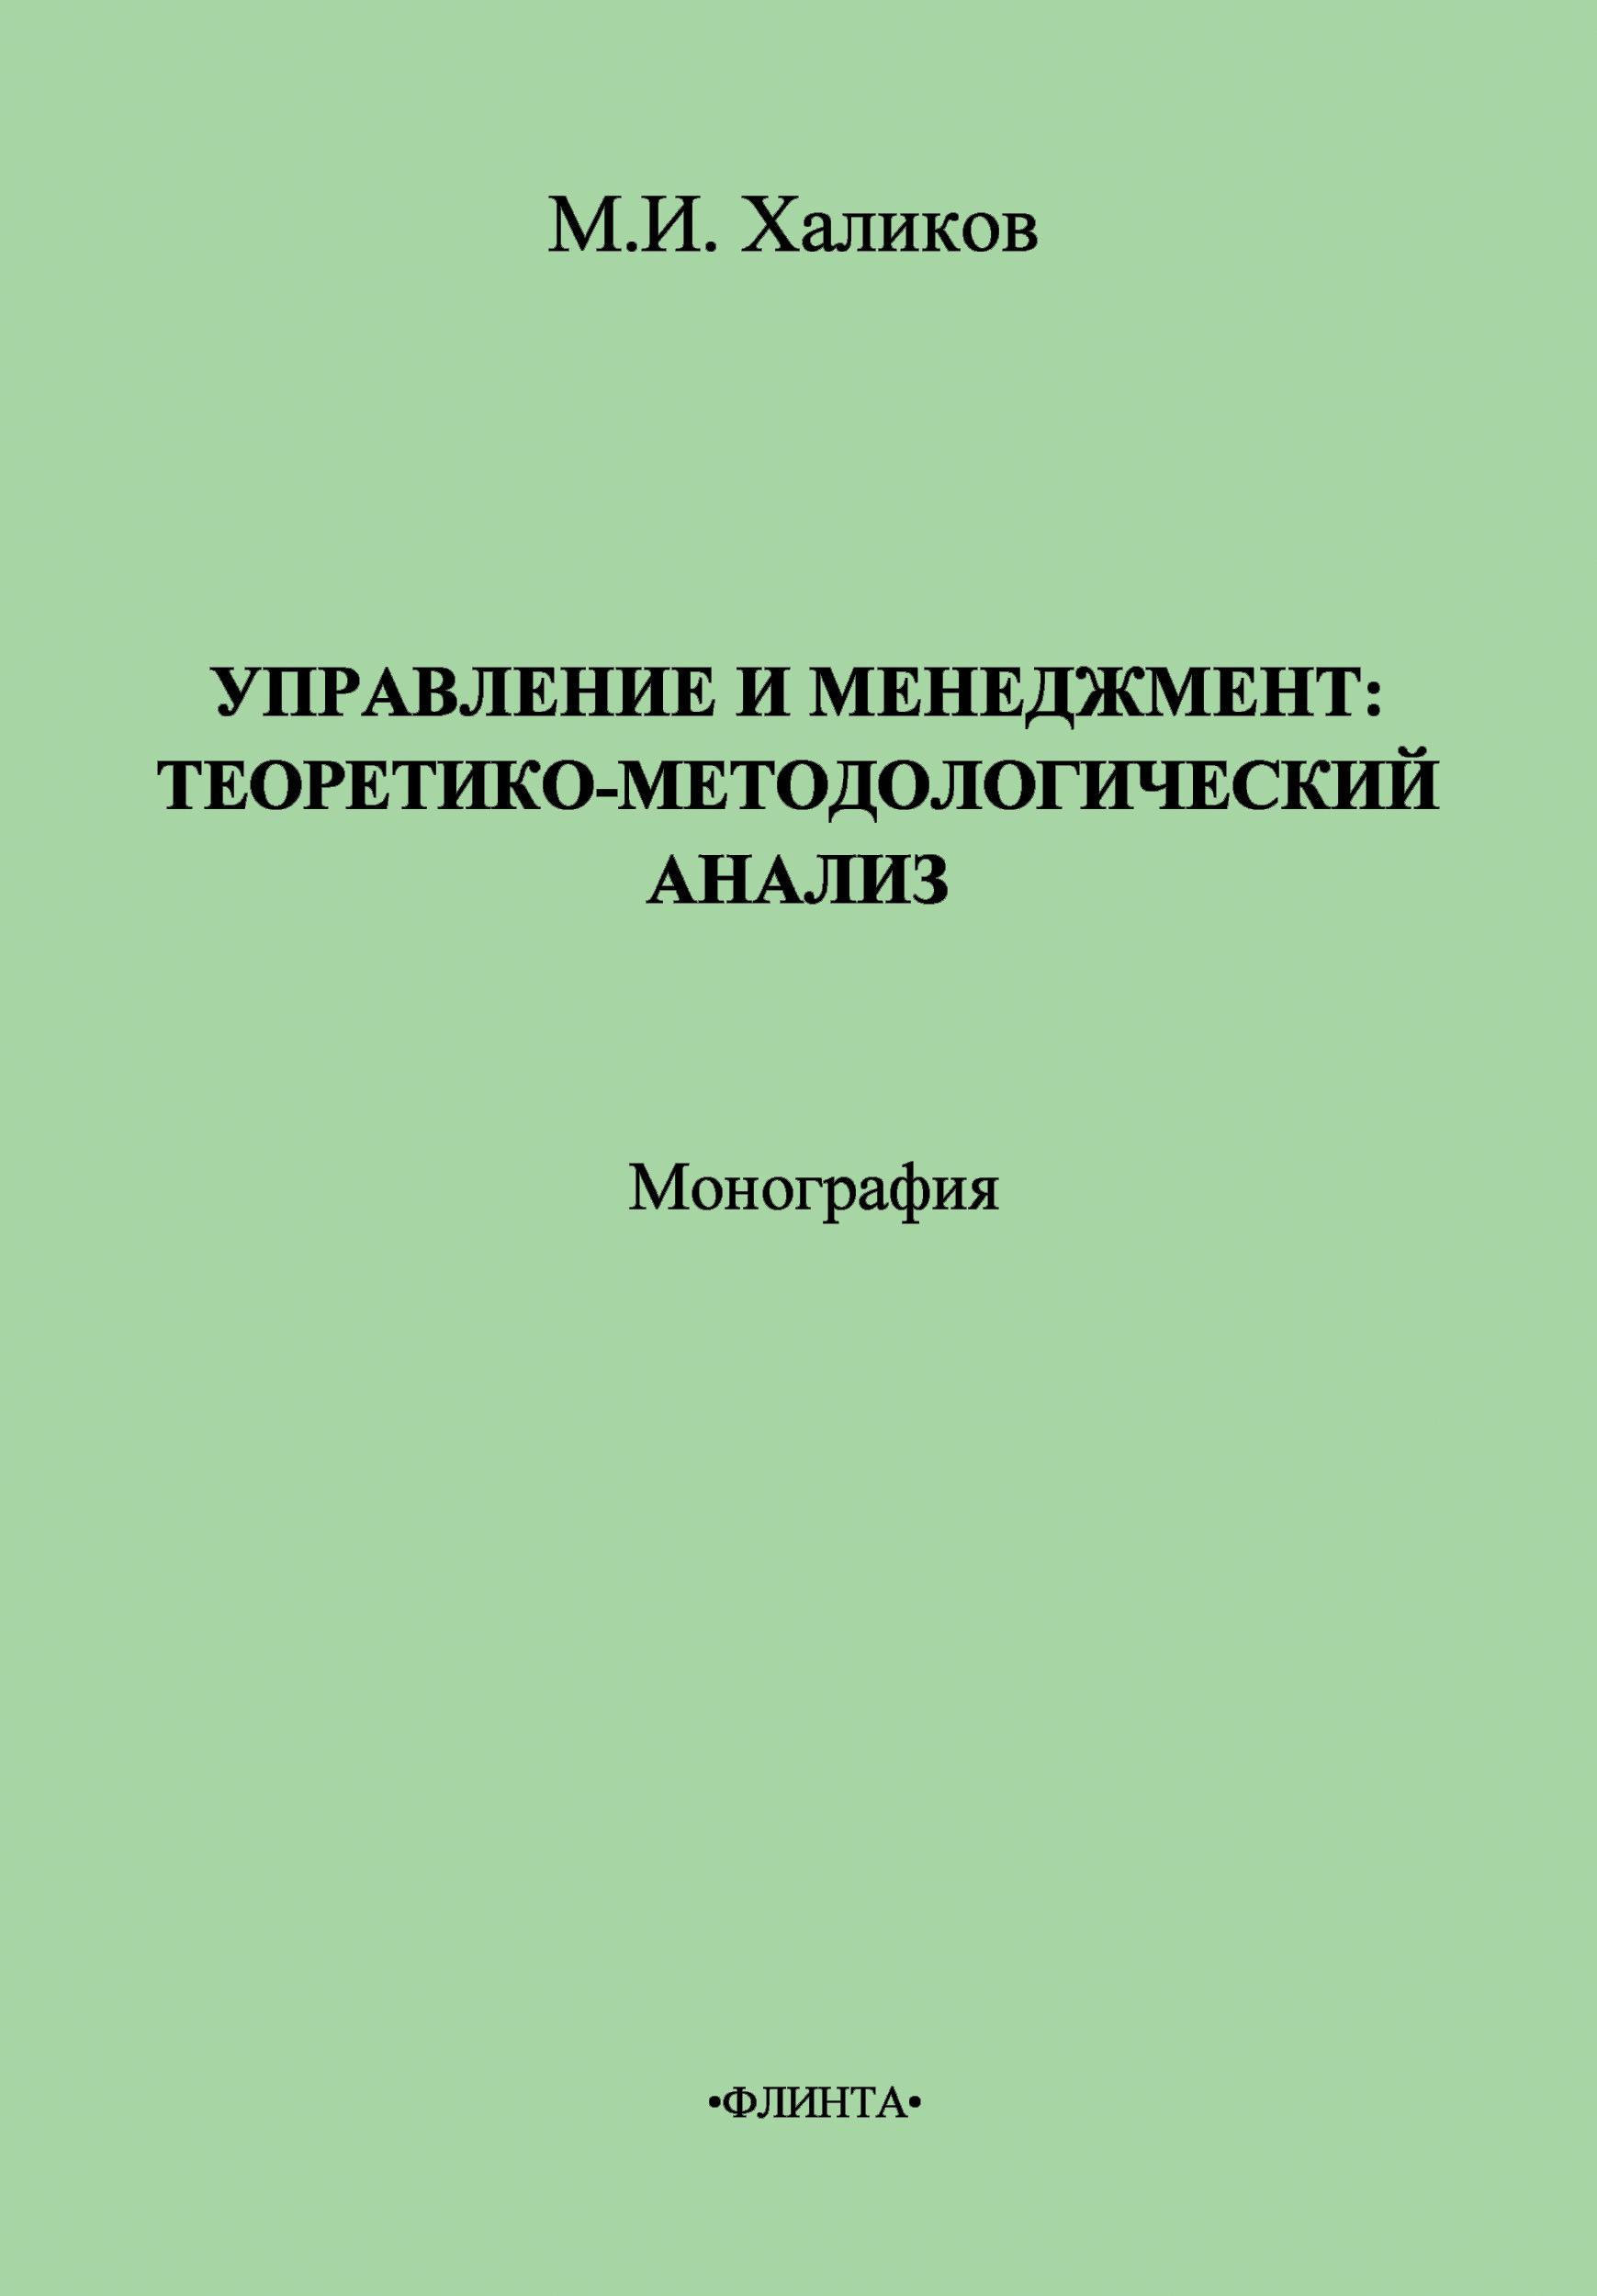 М. И. Халиков Управление и менеджмент. Теоретико-методологический анализ